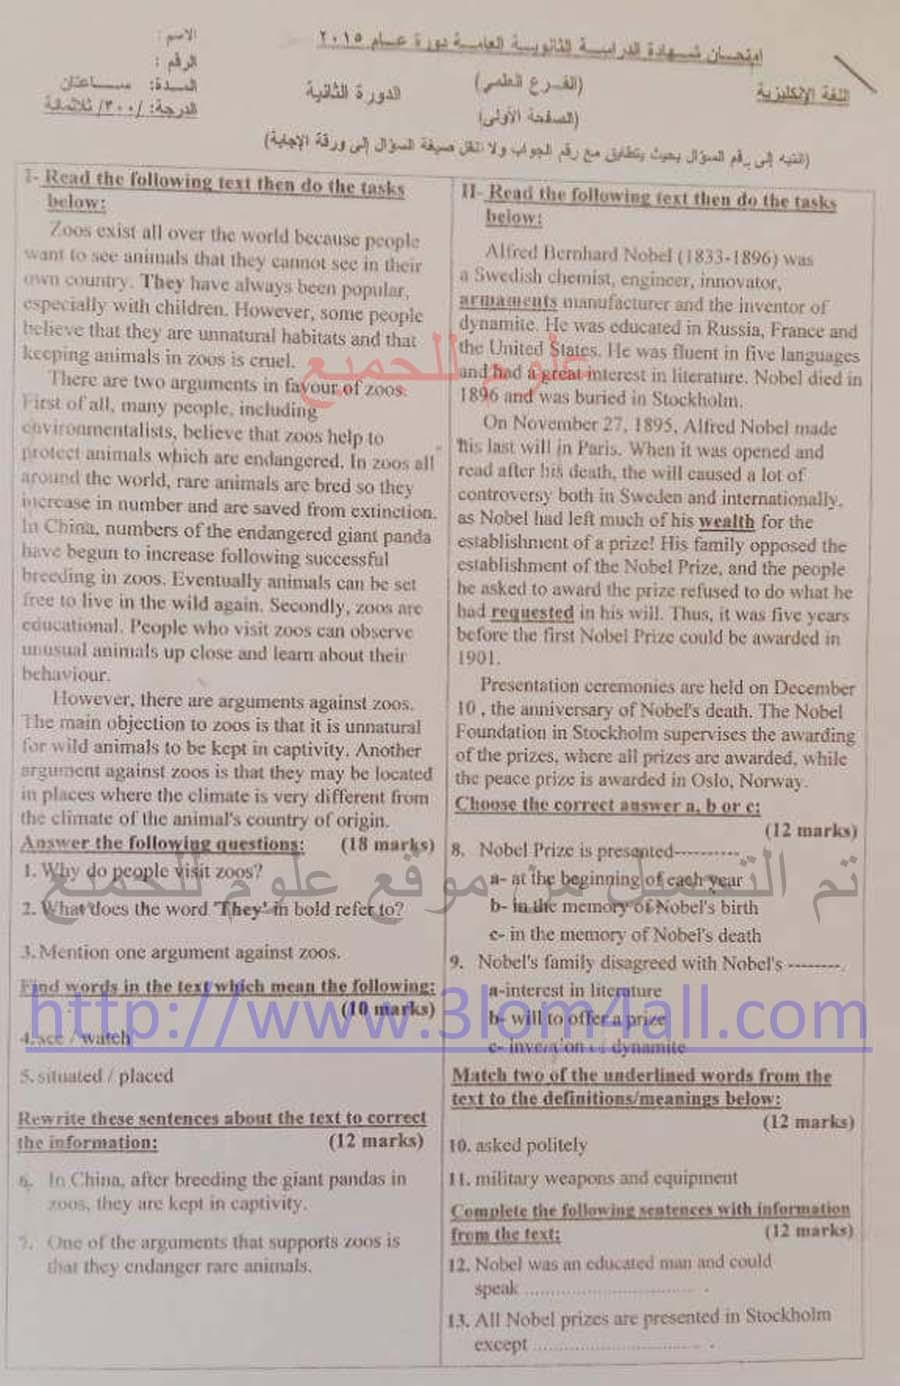 اسئلة امتحان مادة اللغة الإنكليزية  بكالوريا  سوريا الفرع العلمي ورقة الامتحان 146436823272.jpeg